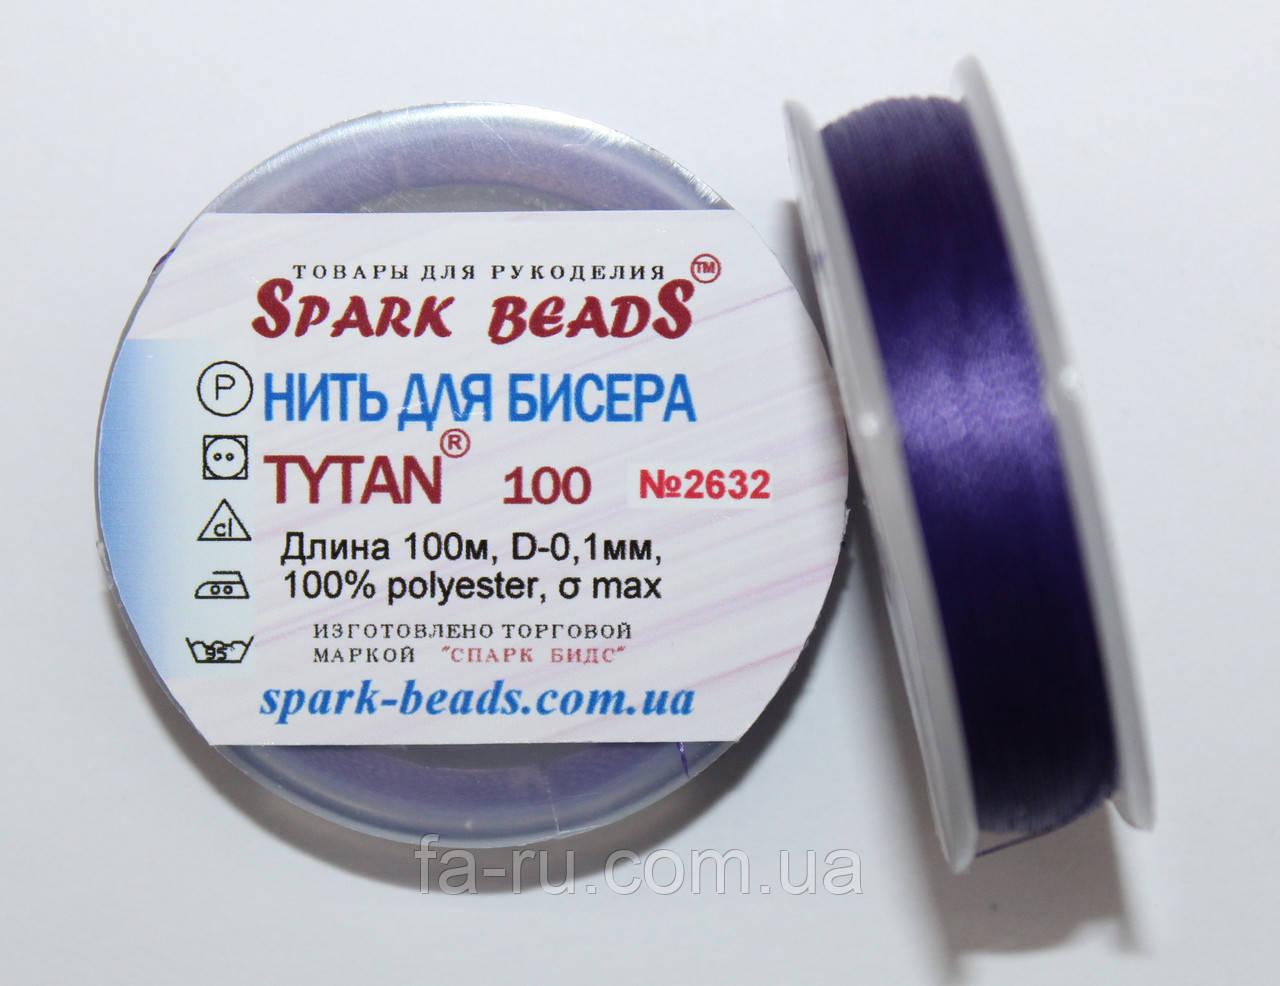 Нить для бисера TYTAN 100 №2632. Фиолетово- баклажановый 100 м